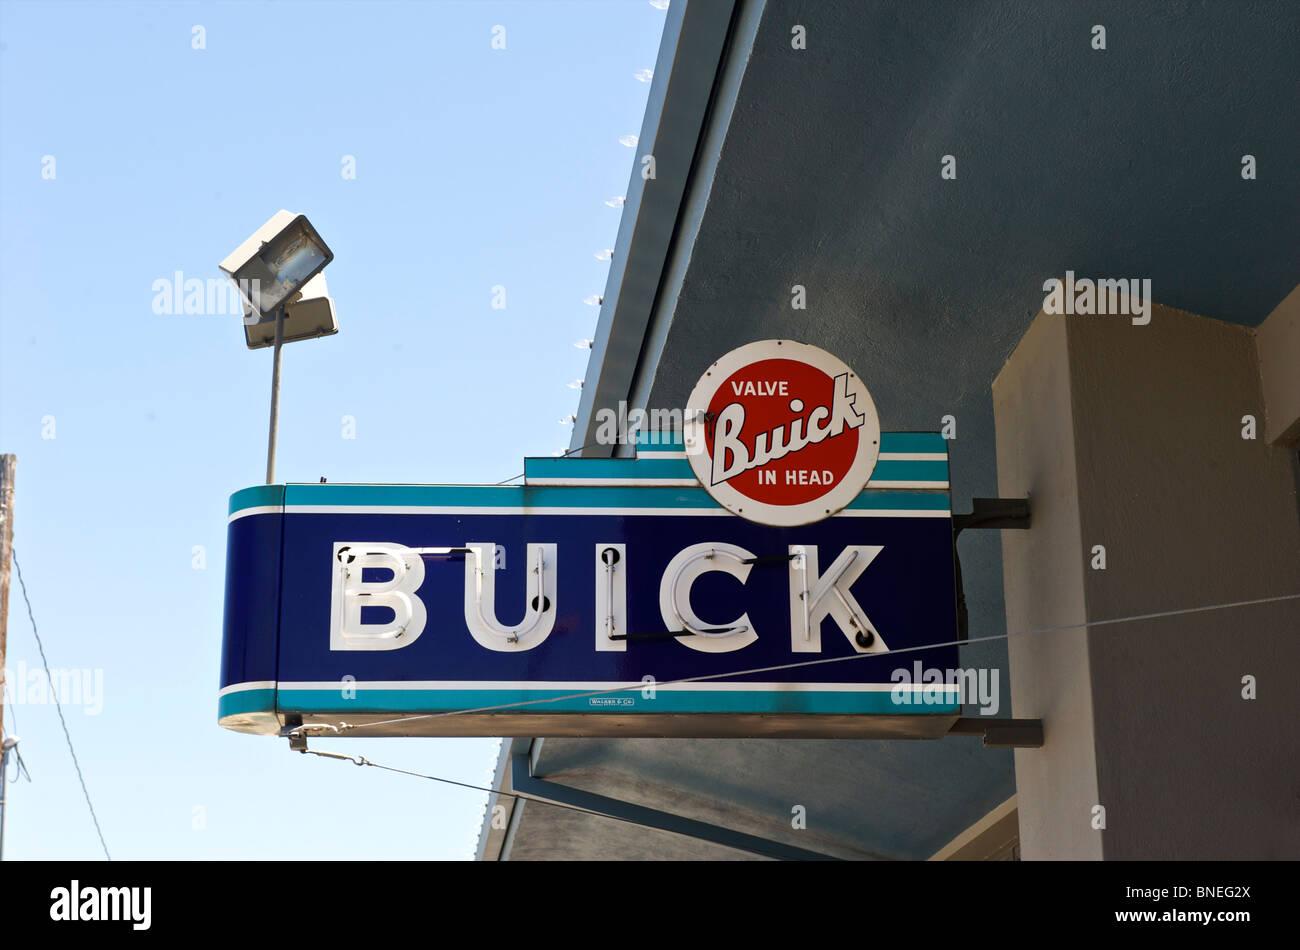 Conseil d'Buick dans le Texas, USA Banque D'Images